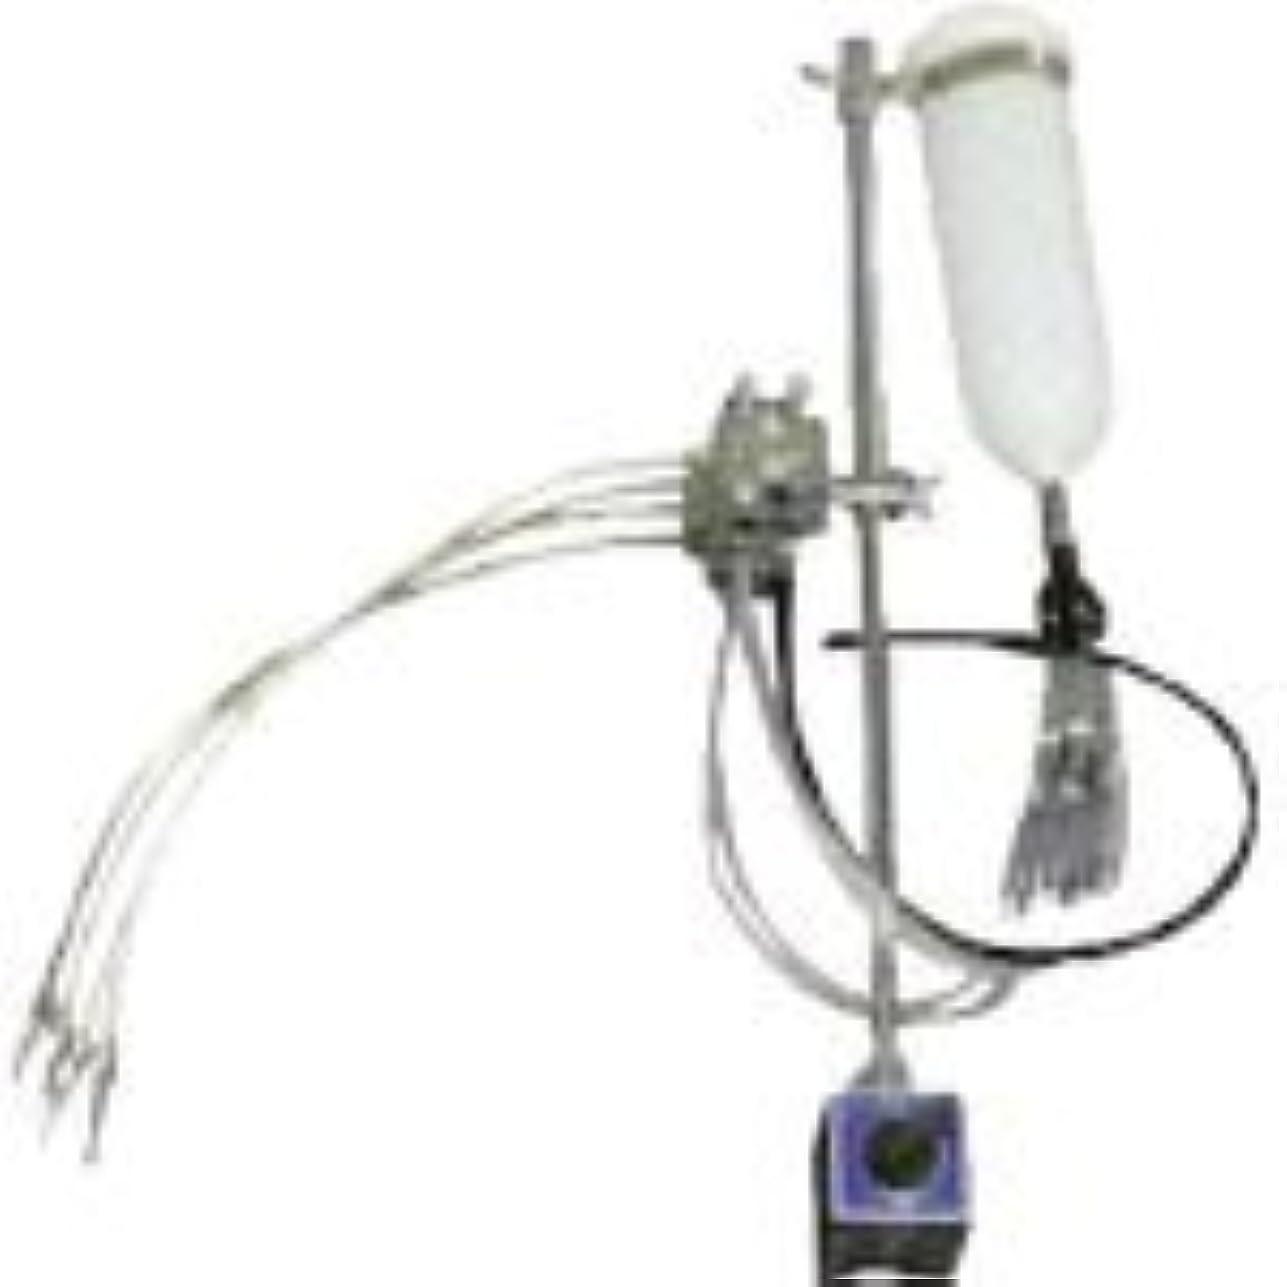 玉ねぎチャーミングオン扶桑精機 マジックカットe-ミストEM4-XM-Z30 4軸XMセットZ30cm付 EM4-XM-Z30 (732-0795) 《冷却装置》